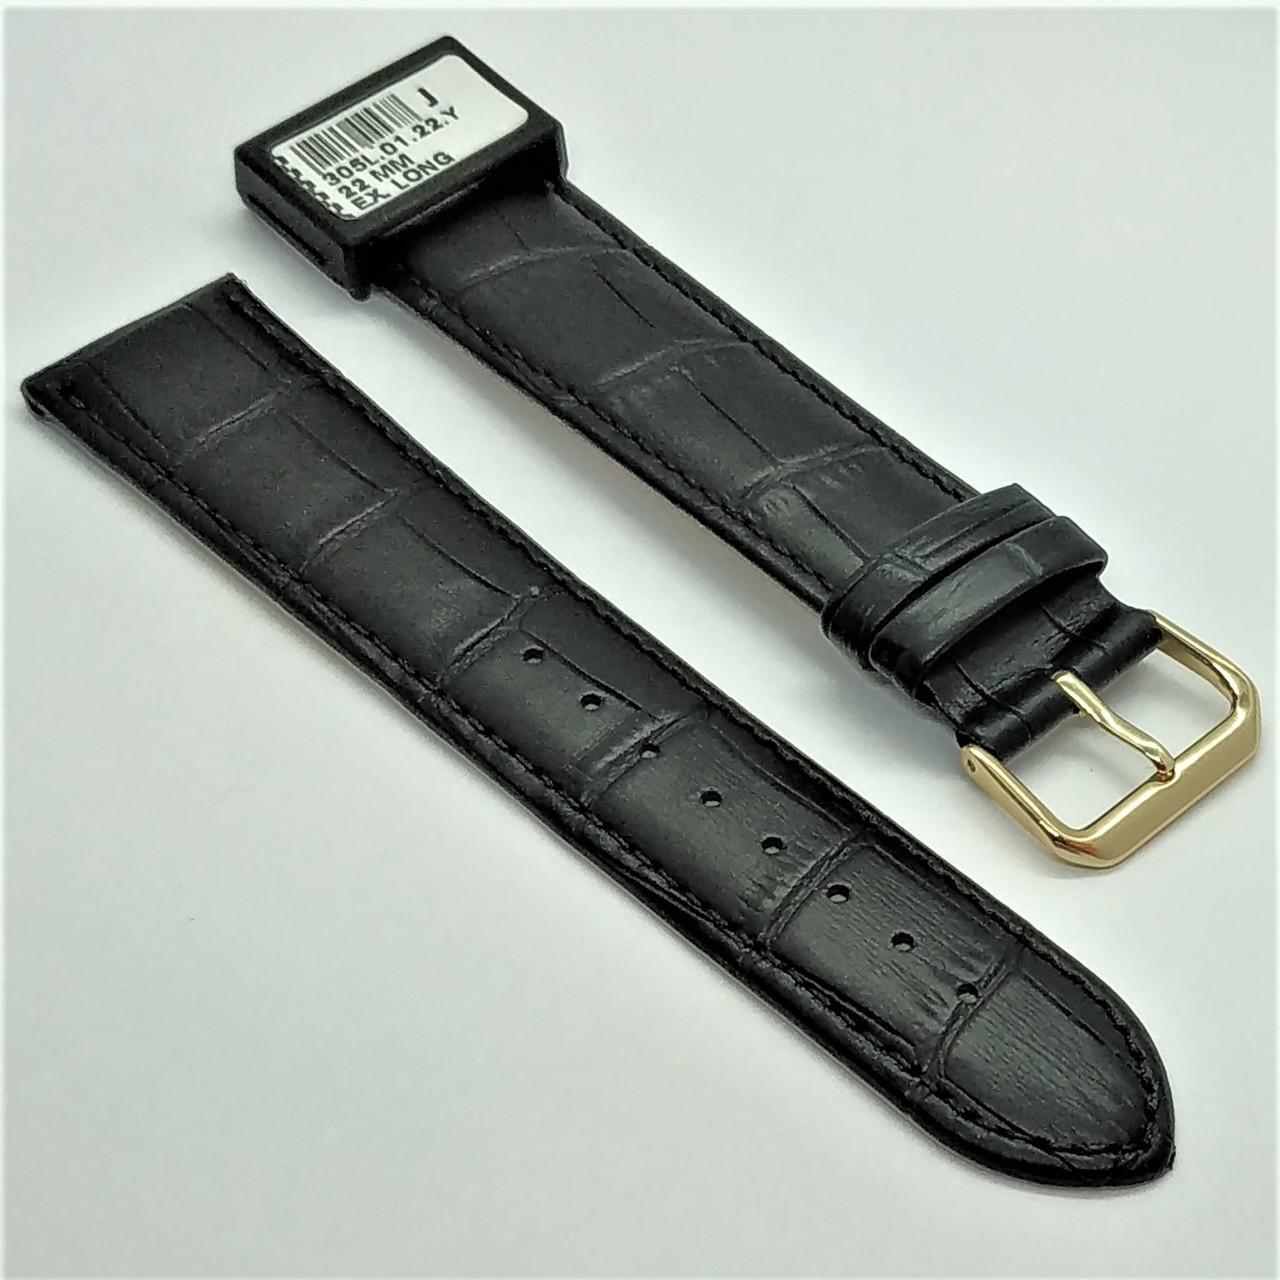 22 мм Кожаный Ремешок для часов CONDOR 305L.22.01 Черный Ремешок на часы из Натуральной кожи удлиненный